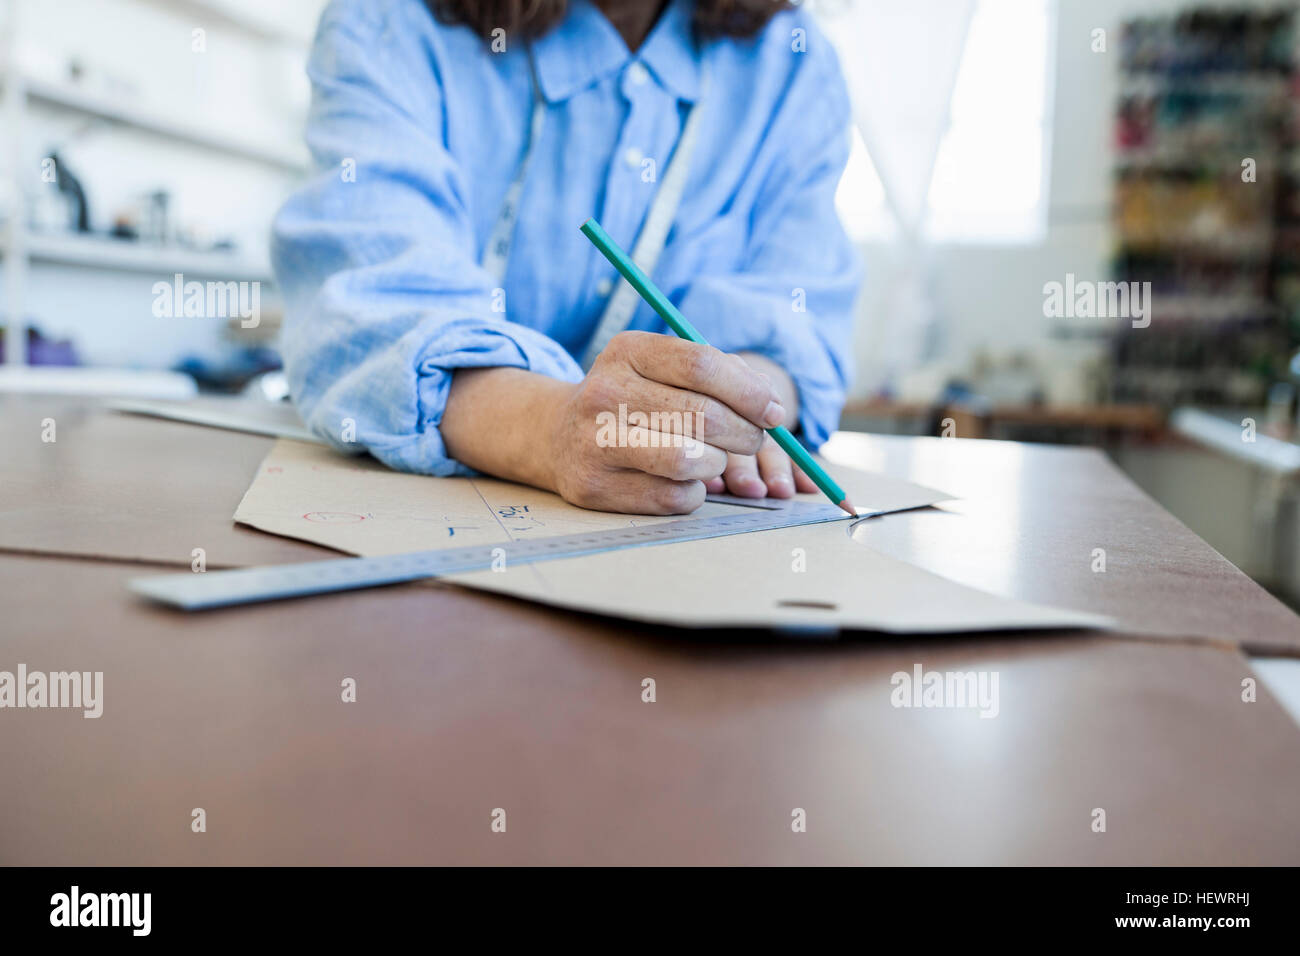 Drafting Stockfotos & Drafting Bilder - Alamy